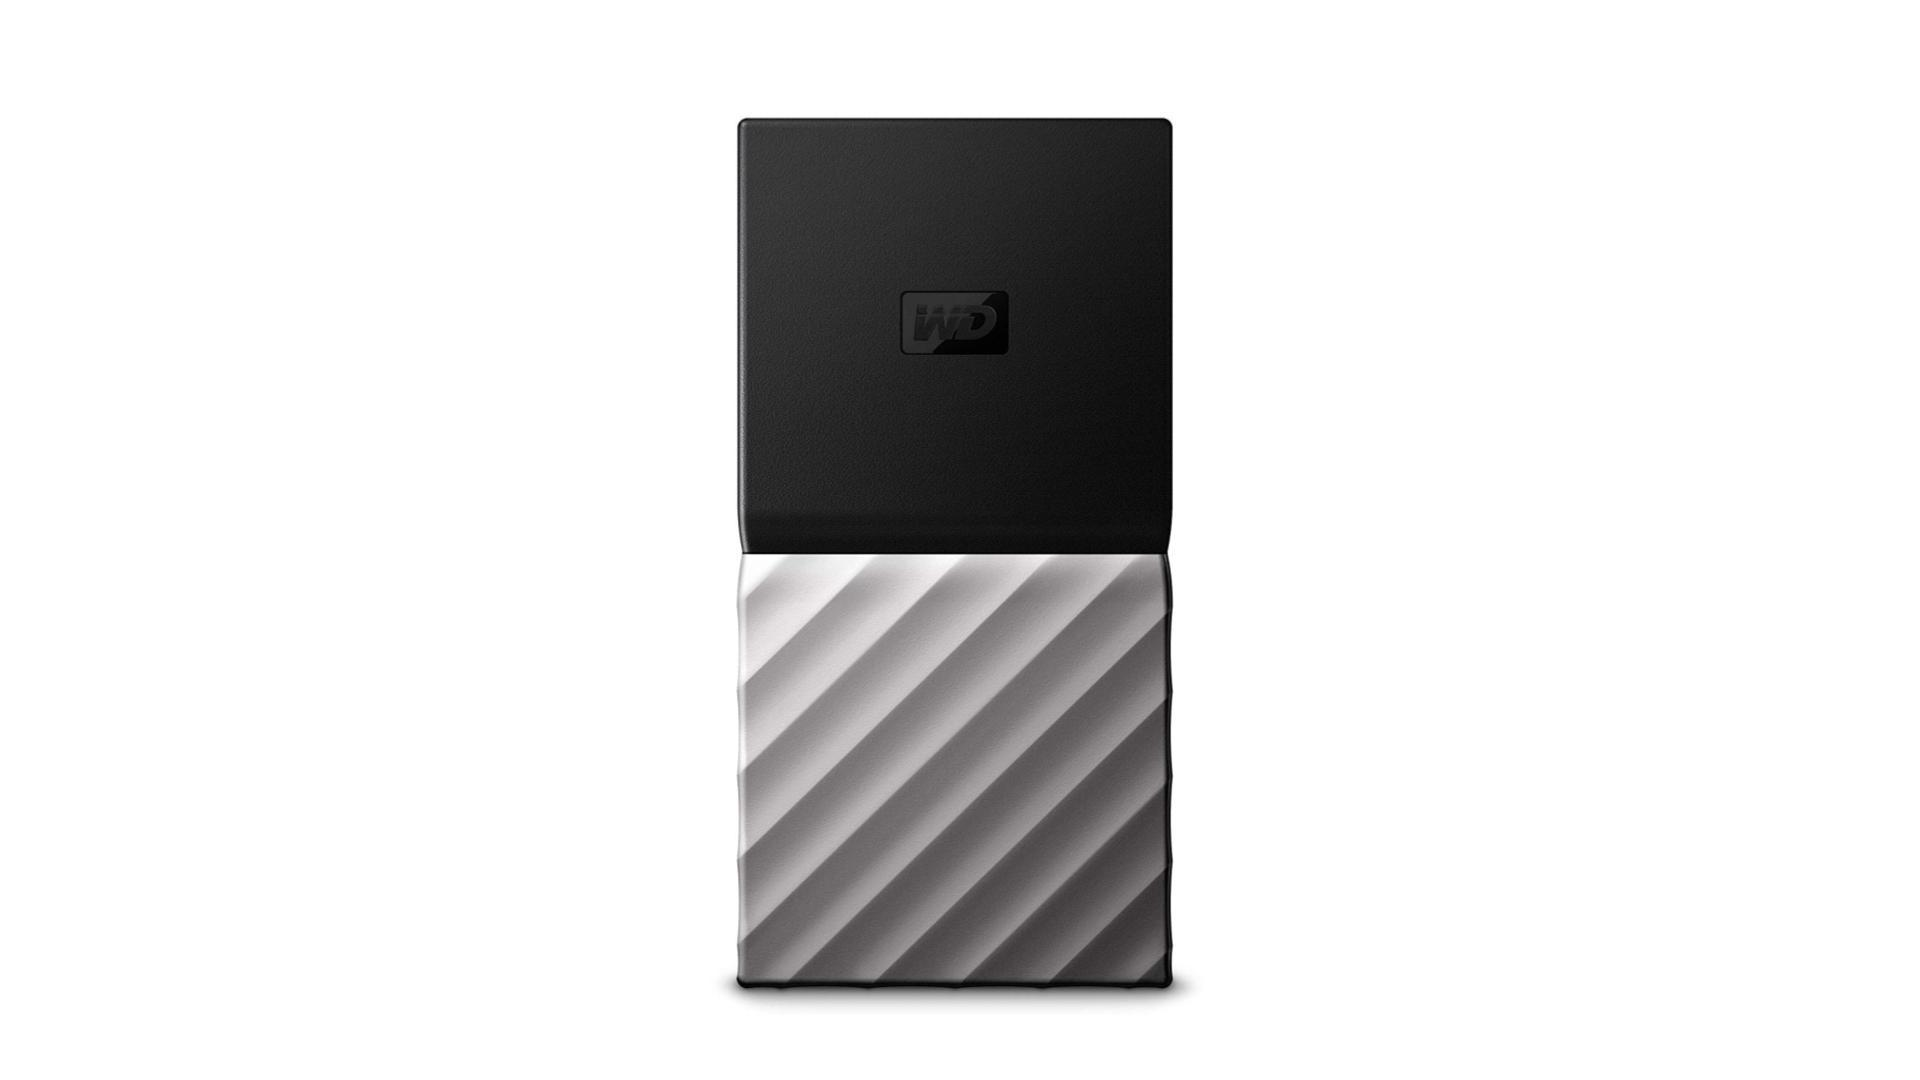 Compact, transportable et léger : le SSD WD My Passport (512 Go) est à 83 euros